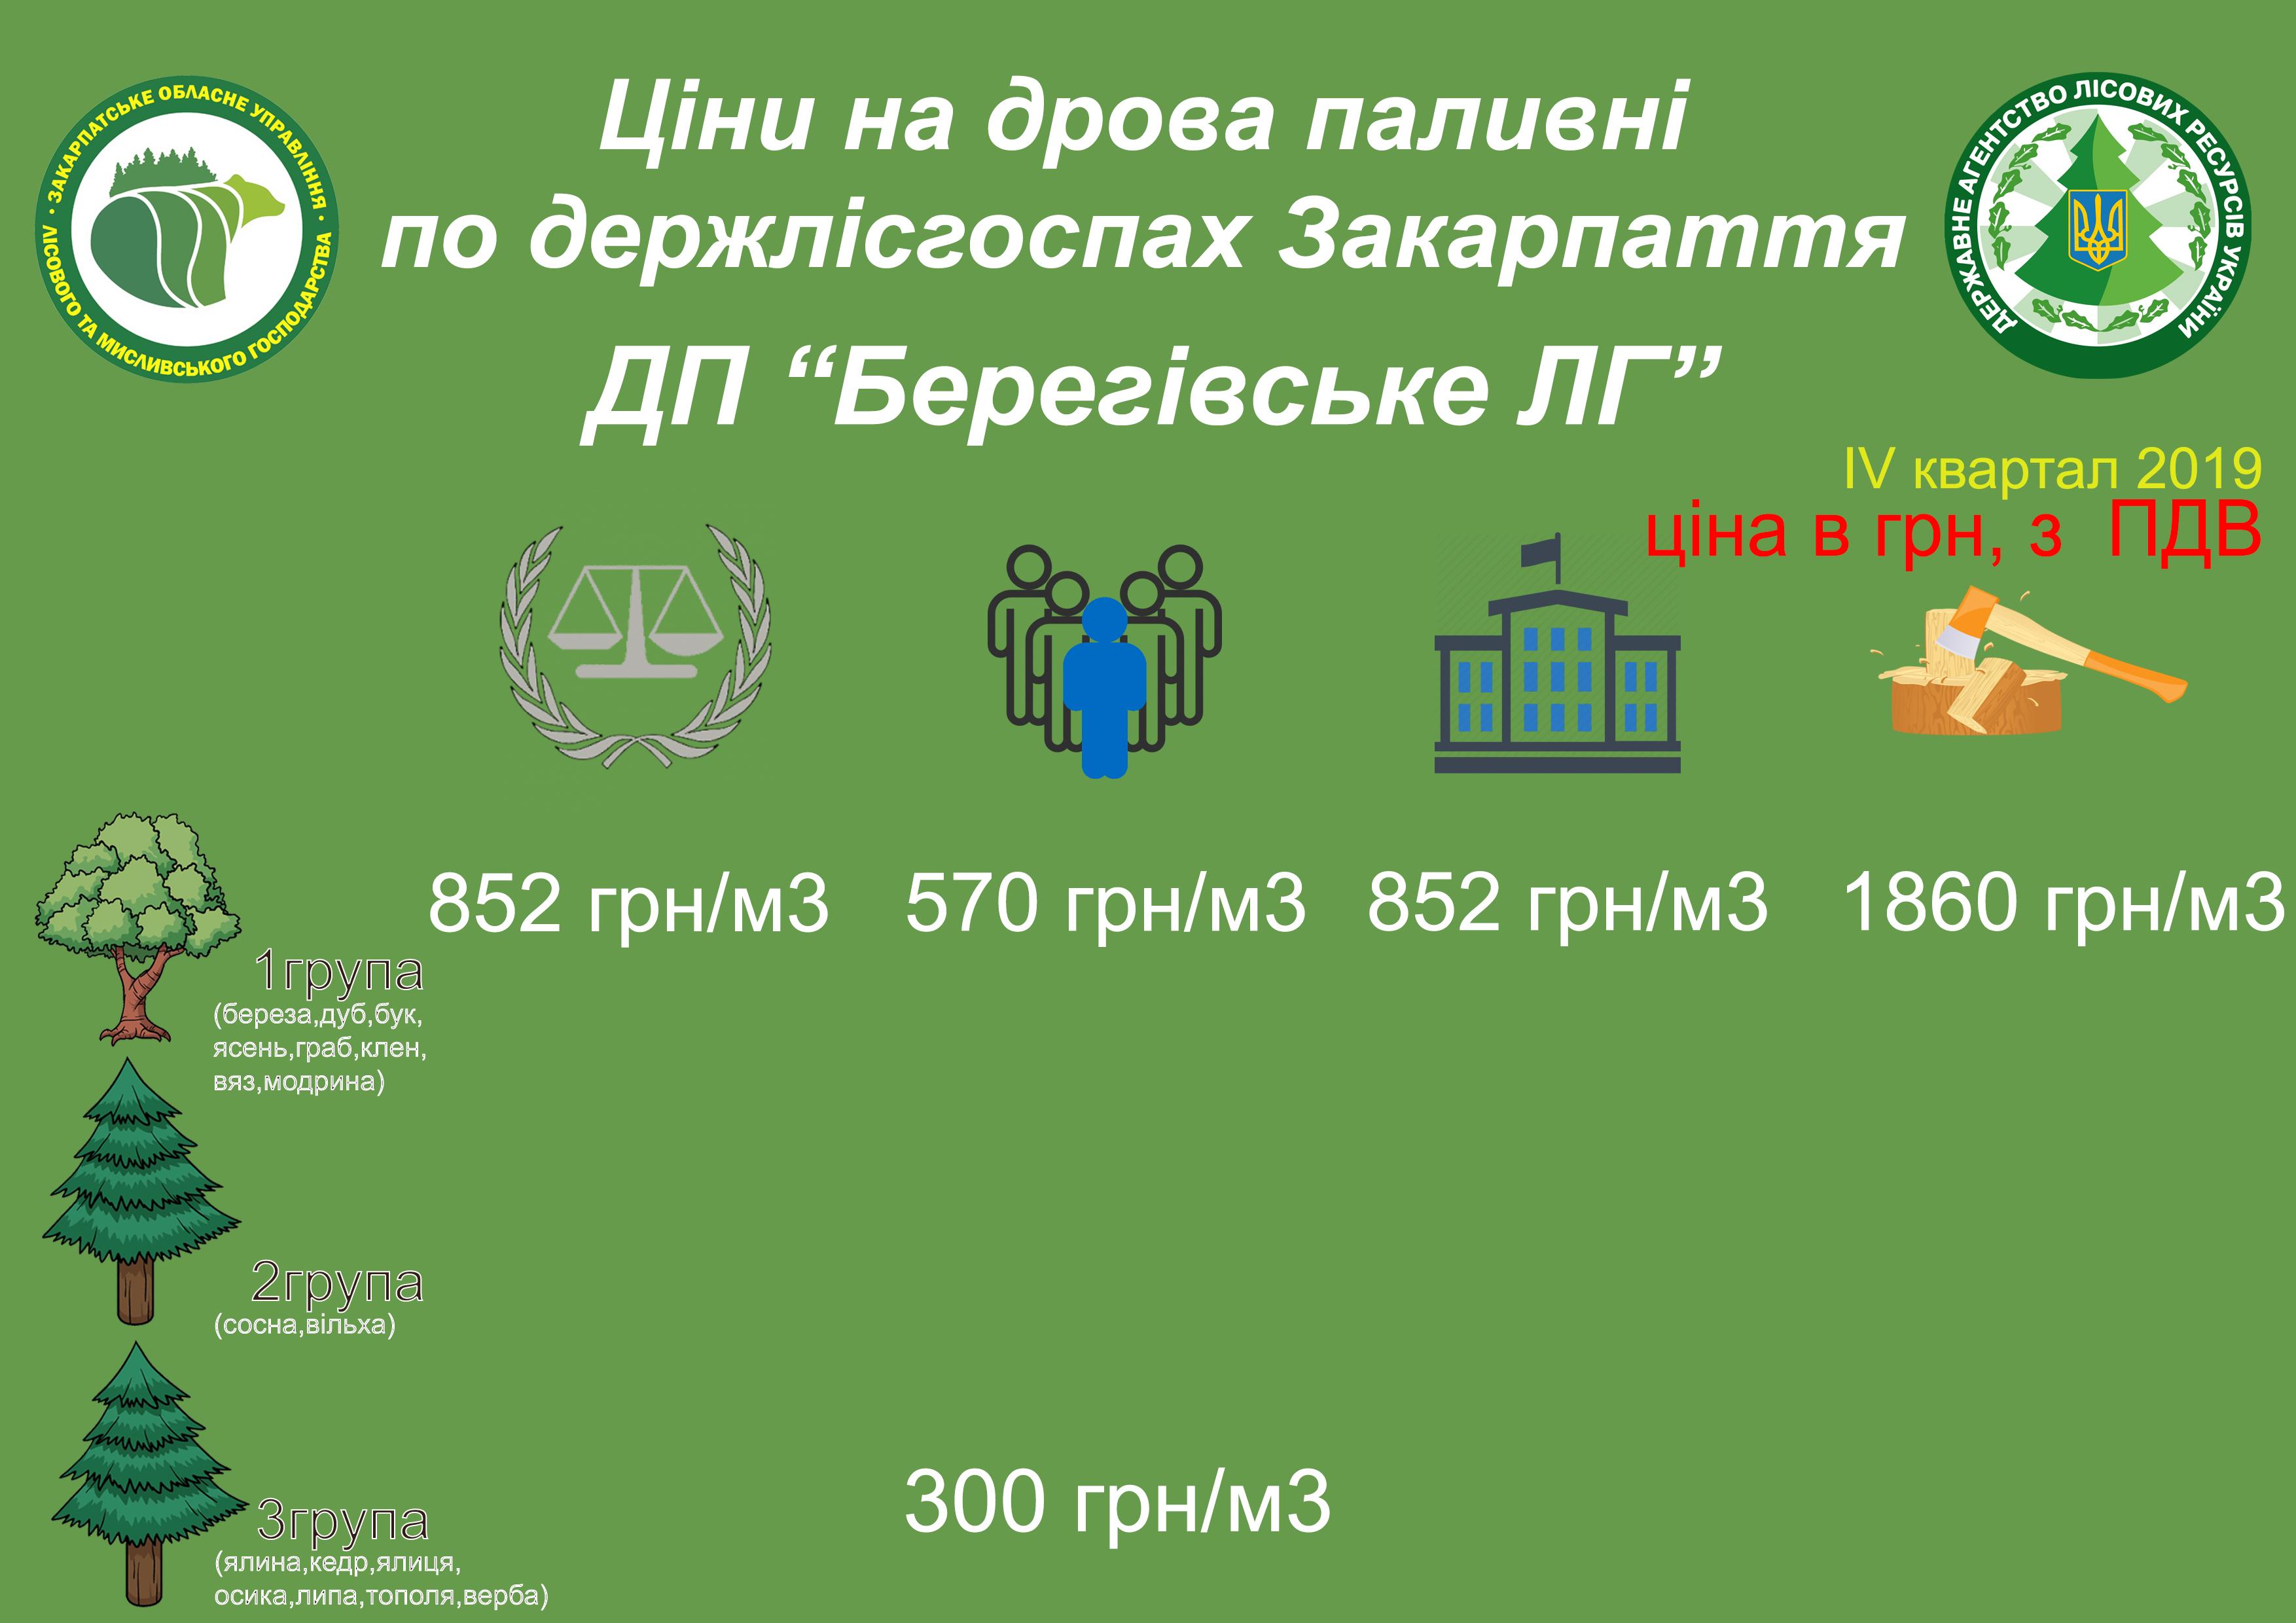 Берегівське ЛГ